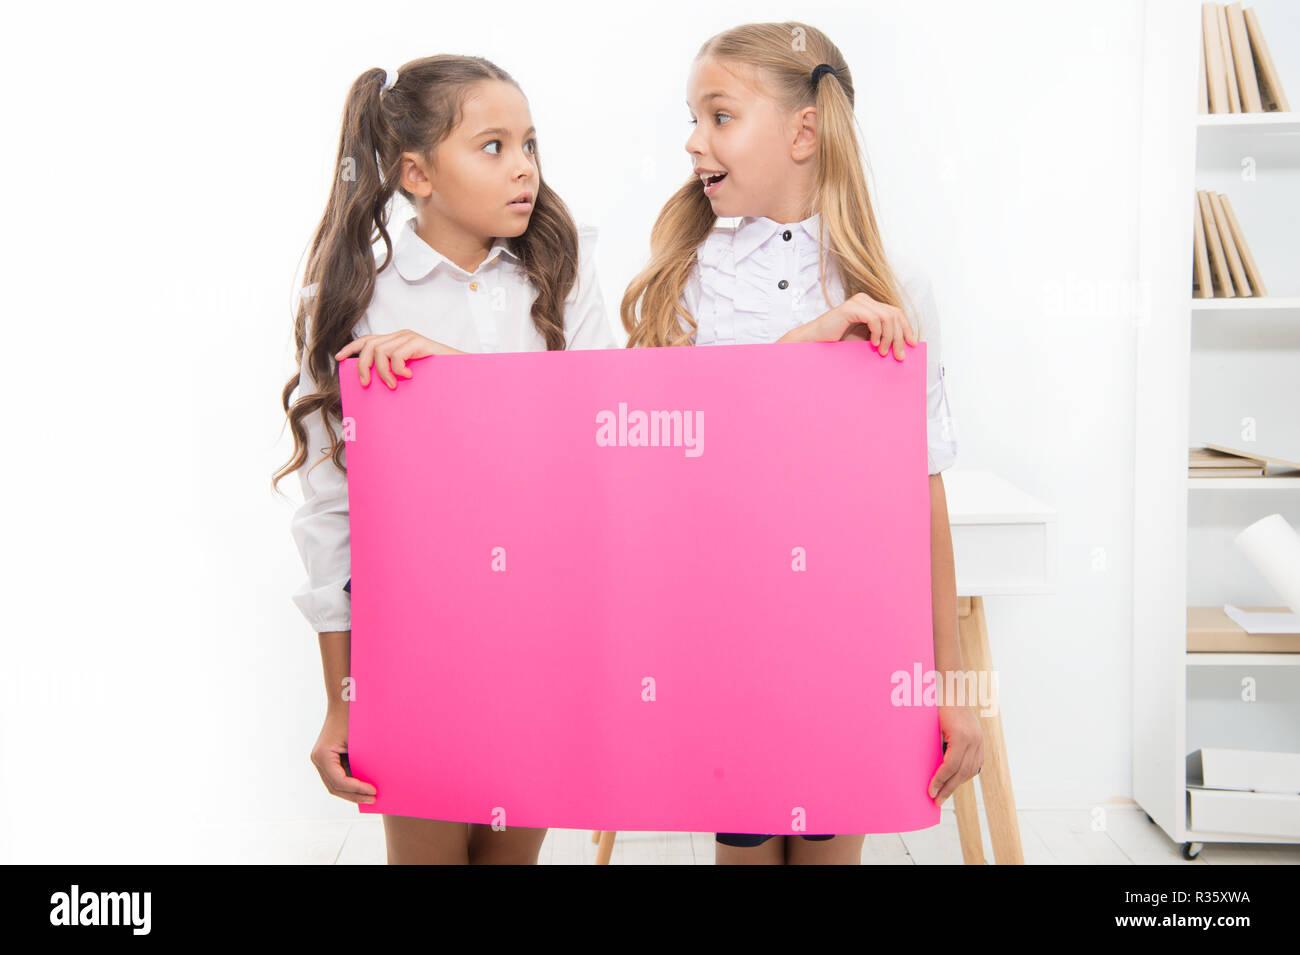 Anuncio de escuela concepto. Sorprendente noticia. Las niñas mantenga anuncio banner. Las niñas niños sosteniendo pancartas de papel para el anuncio. Los niños sorprendidos con papel en blanco escuela espacio de copia de anuncio. Imagen De Stock